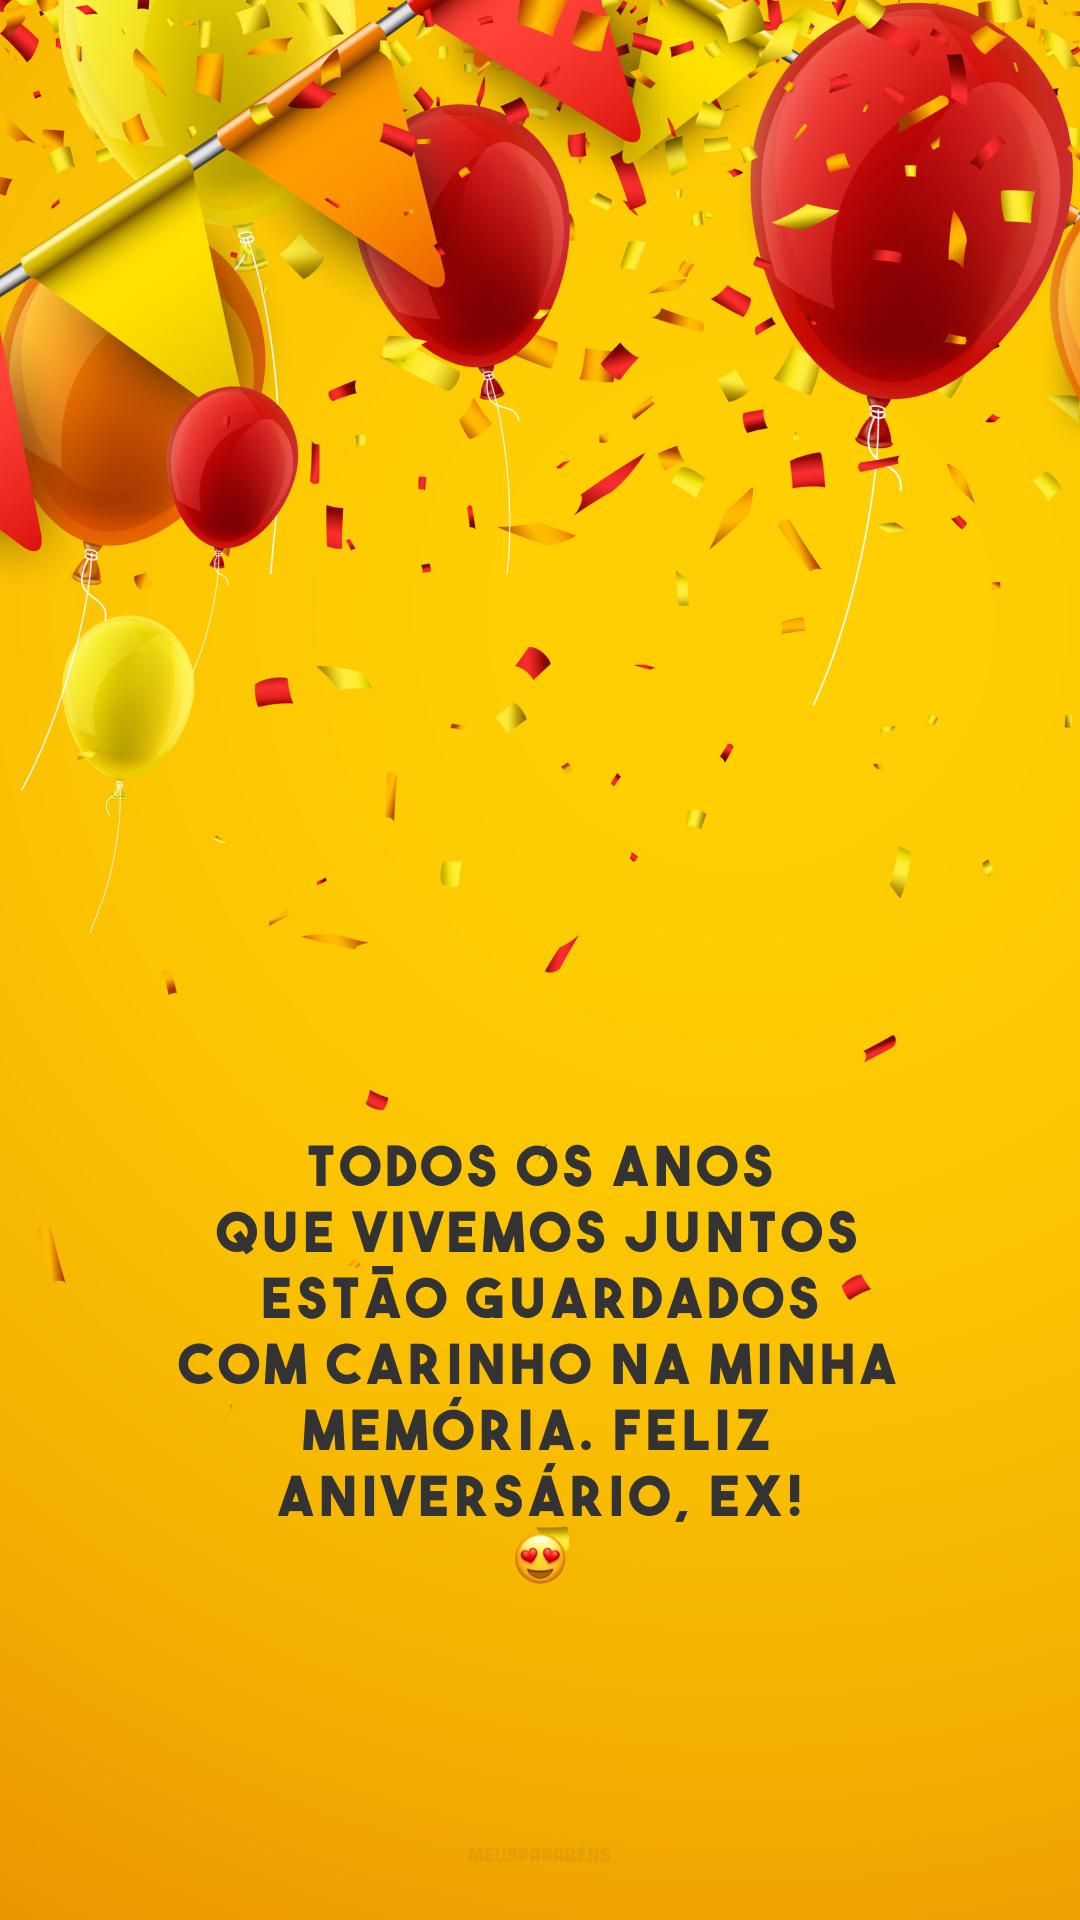 Todos os anos que vivemos juntos estão guardados com carinho na minha memória. Feliz aniversário, ex! 😍